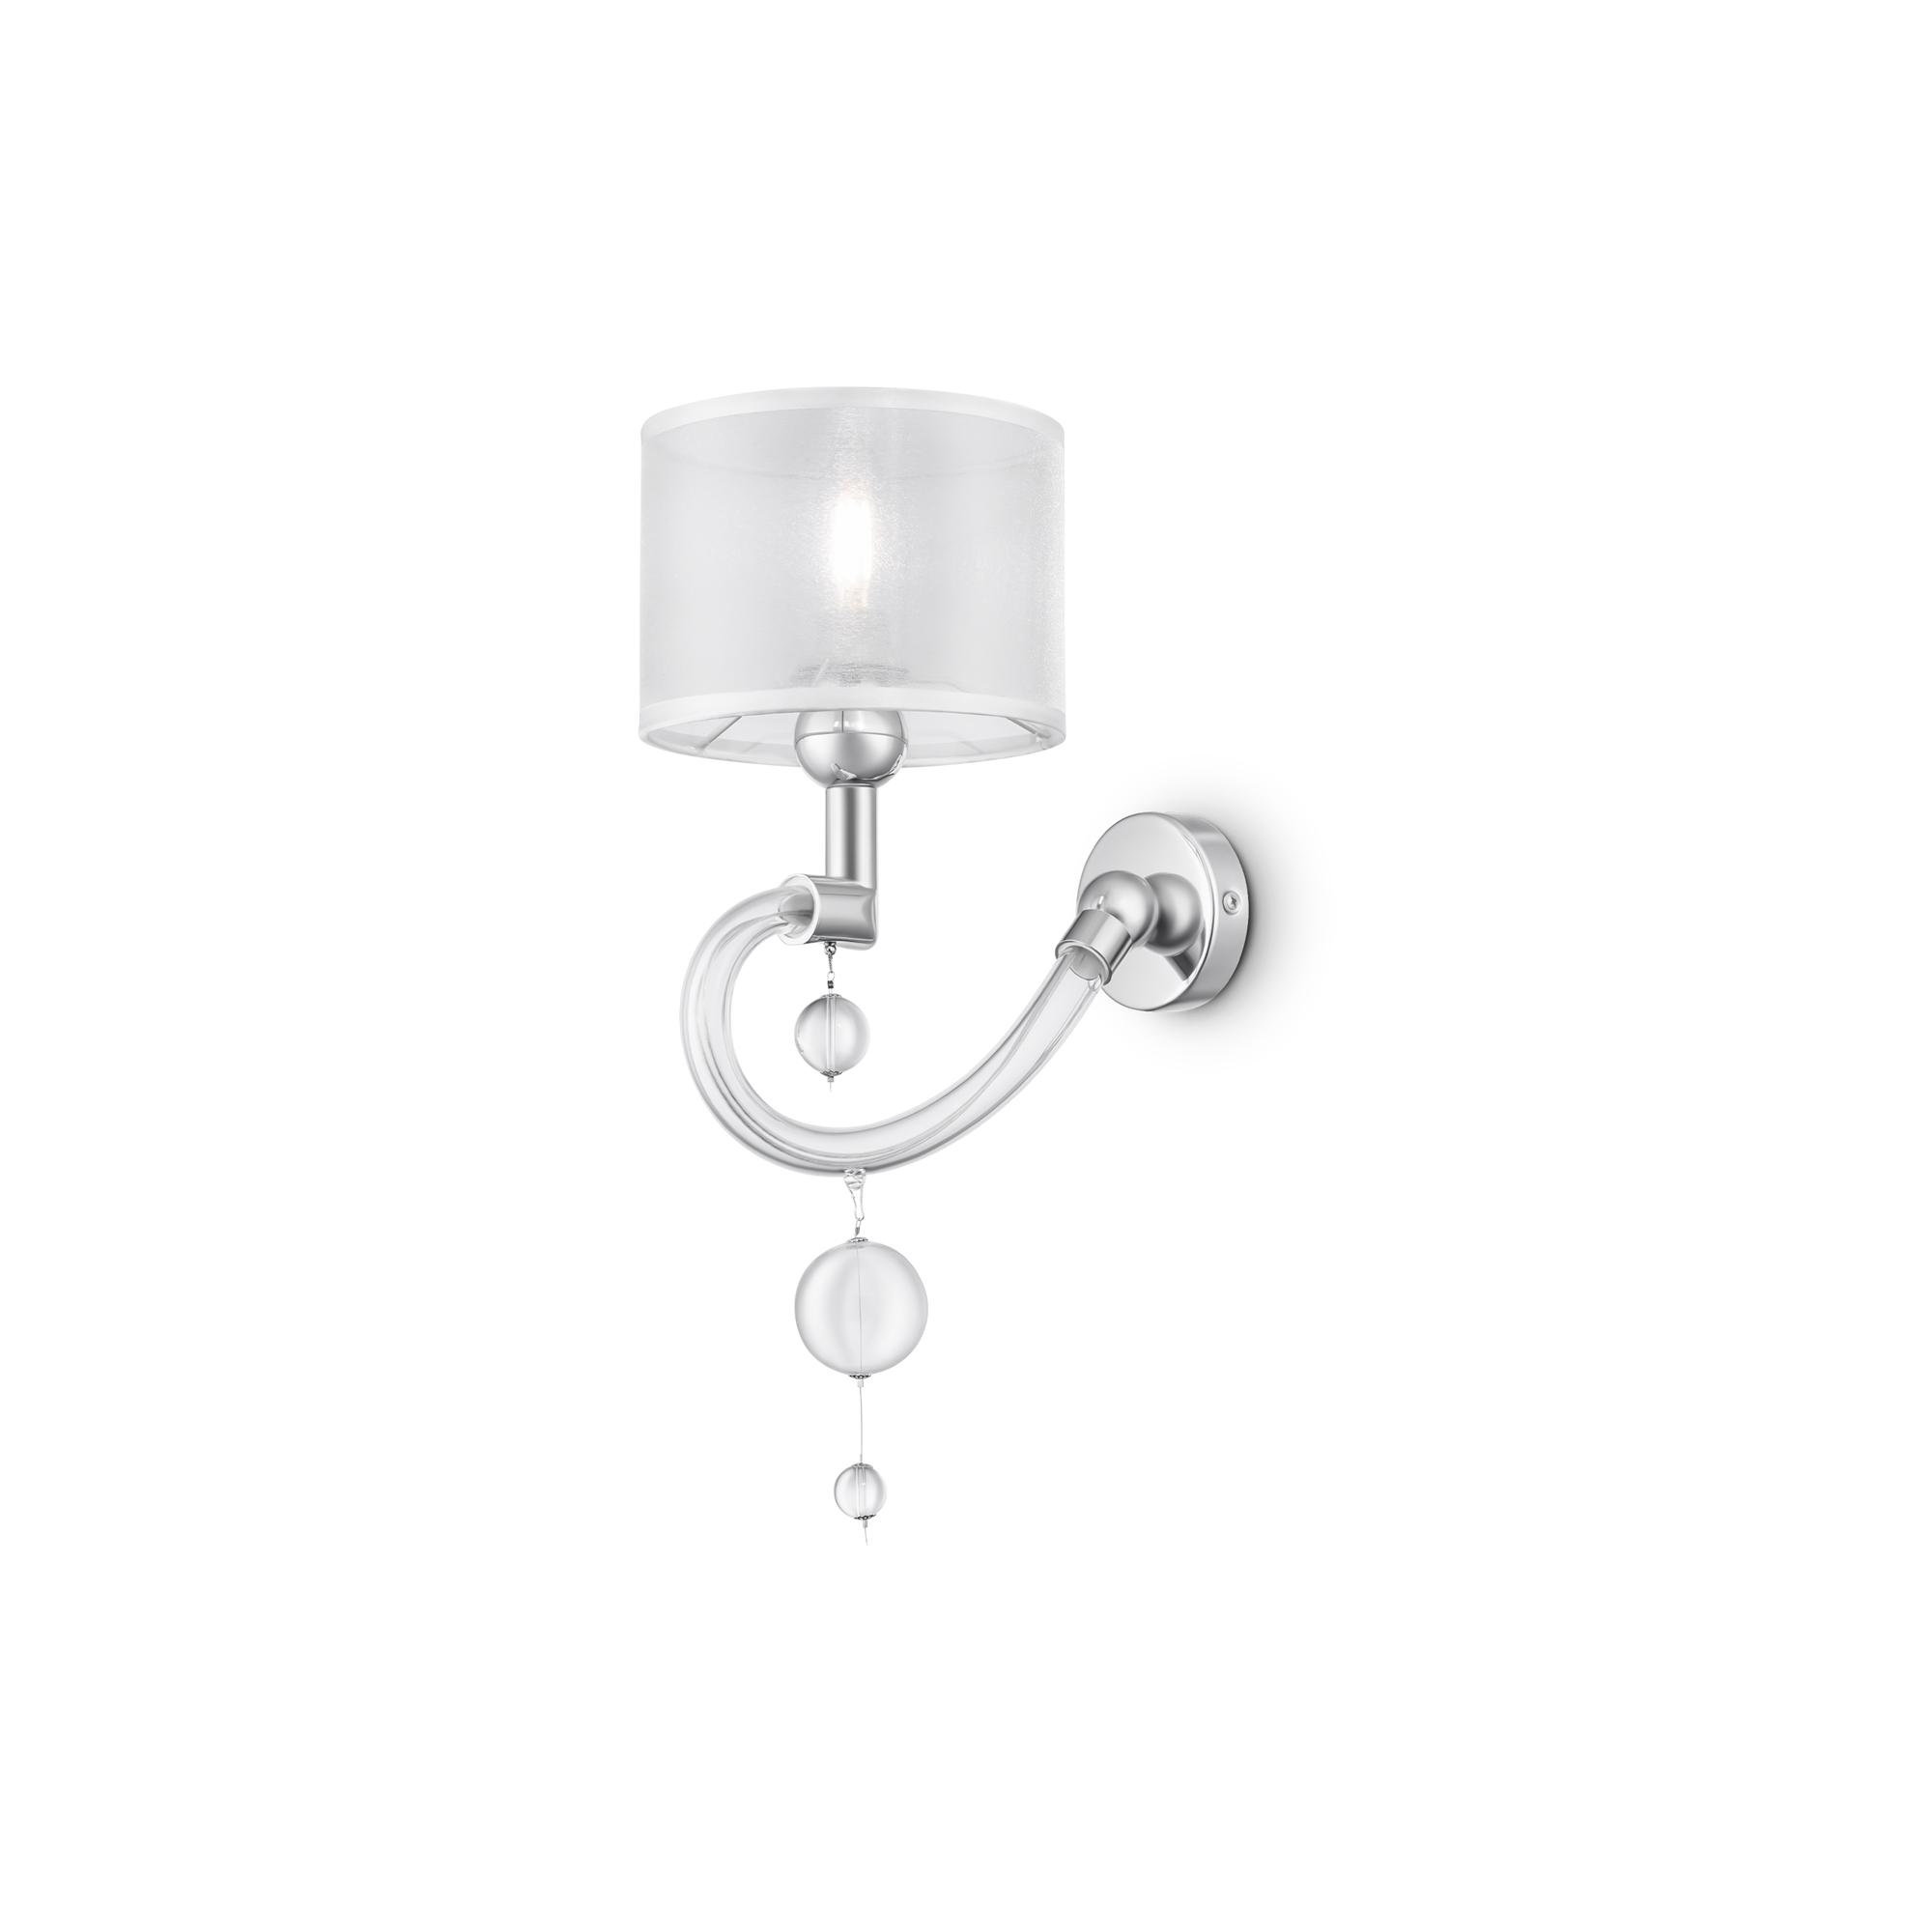 Бра Maytoni Bubble Dreams MOD603-01-N, 1xE14x40W, прозрачный, хром, металл, стекло, текстиль - фото 1